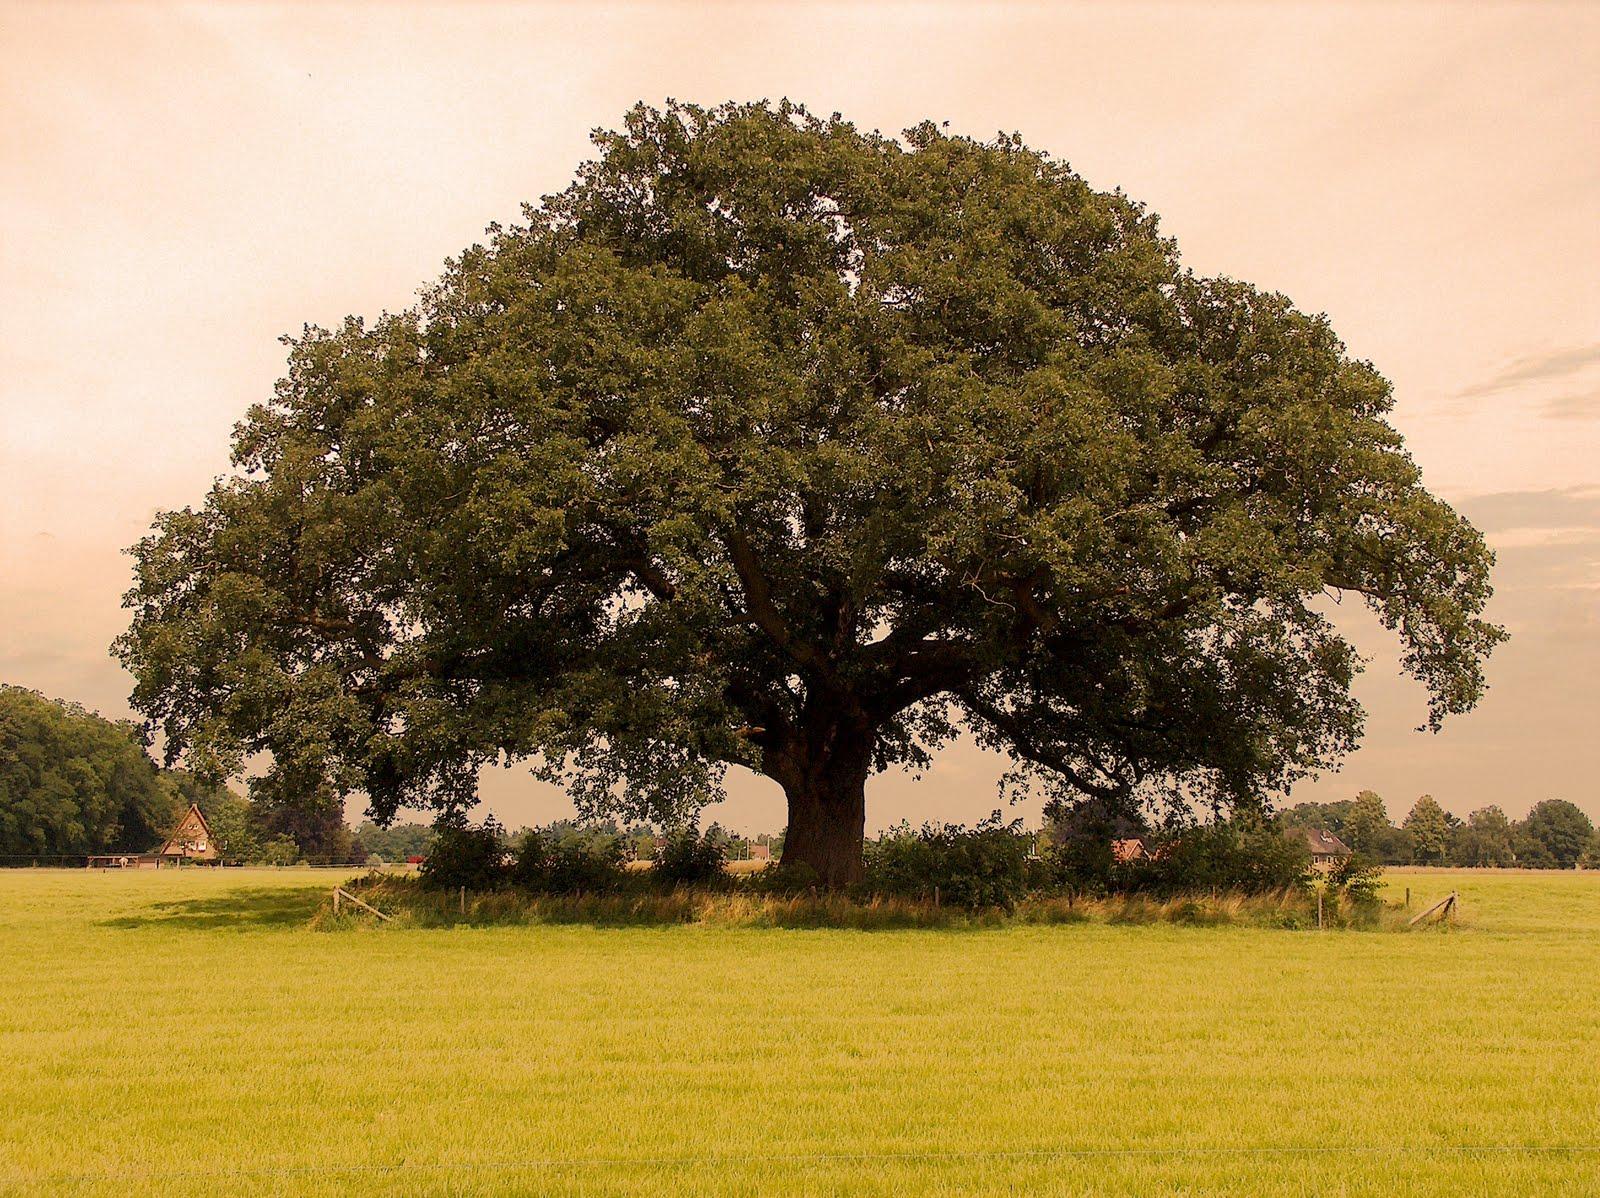 фото крупных деревьев садах камней